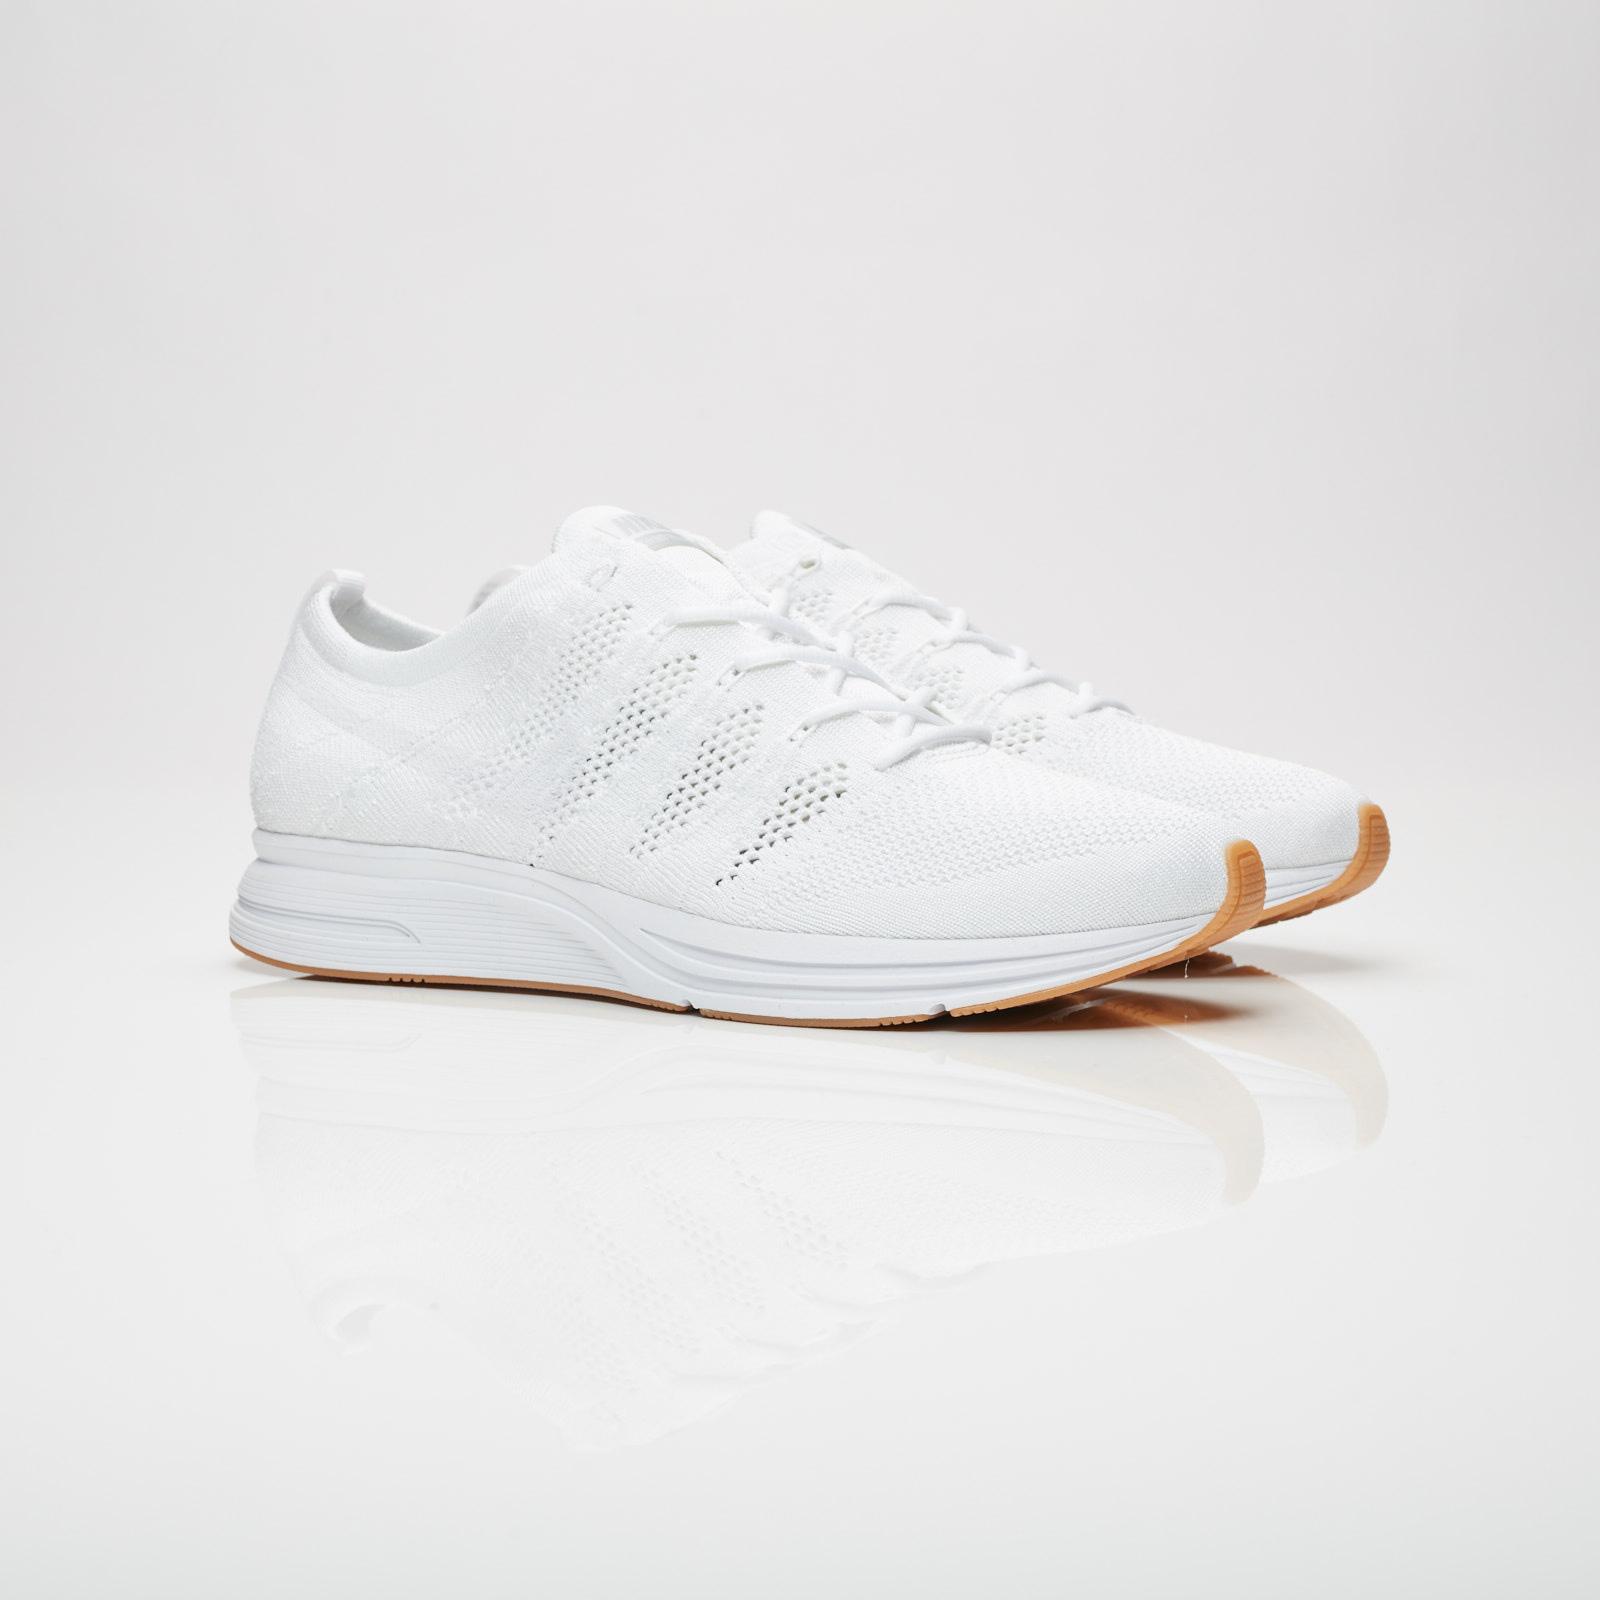 Nike Flyknit Trainer - Ah8396-102 - Sneakersnstuff  69a980a18